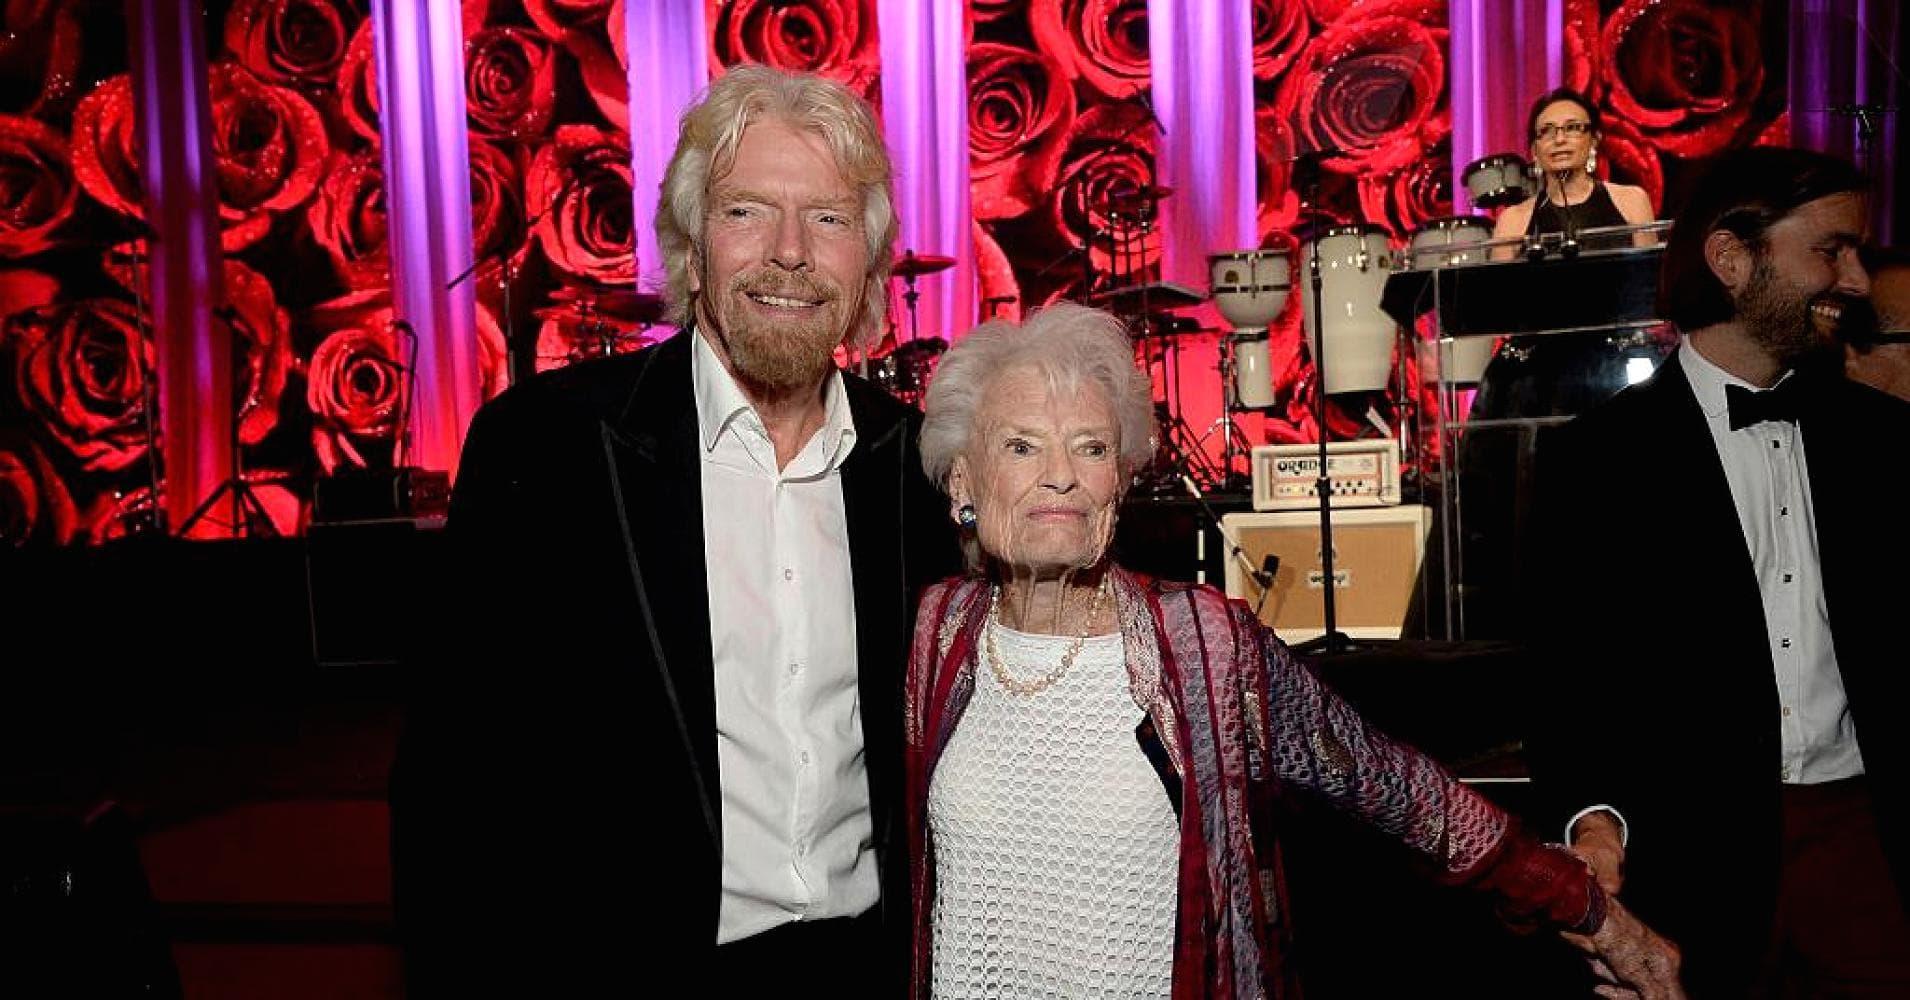 Cách tỷ phú Richard Branson và Elon Musk được nuôi dạy mà bất cứ ai cũng nên biết - 1